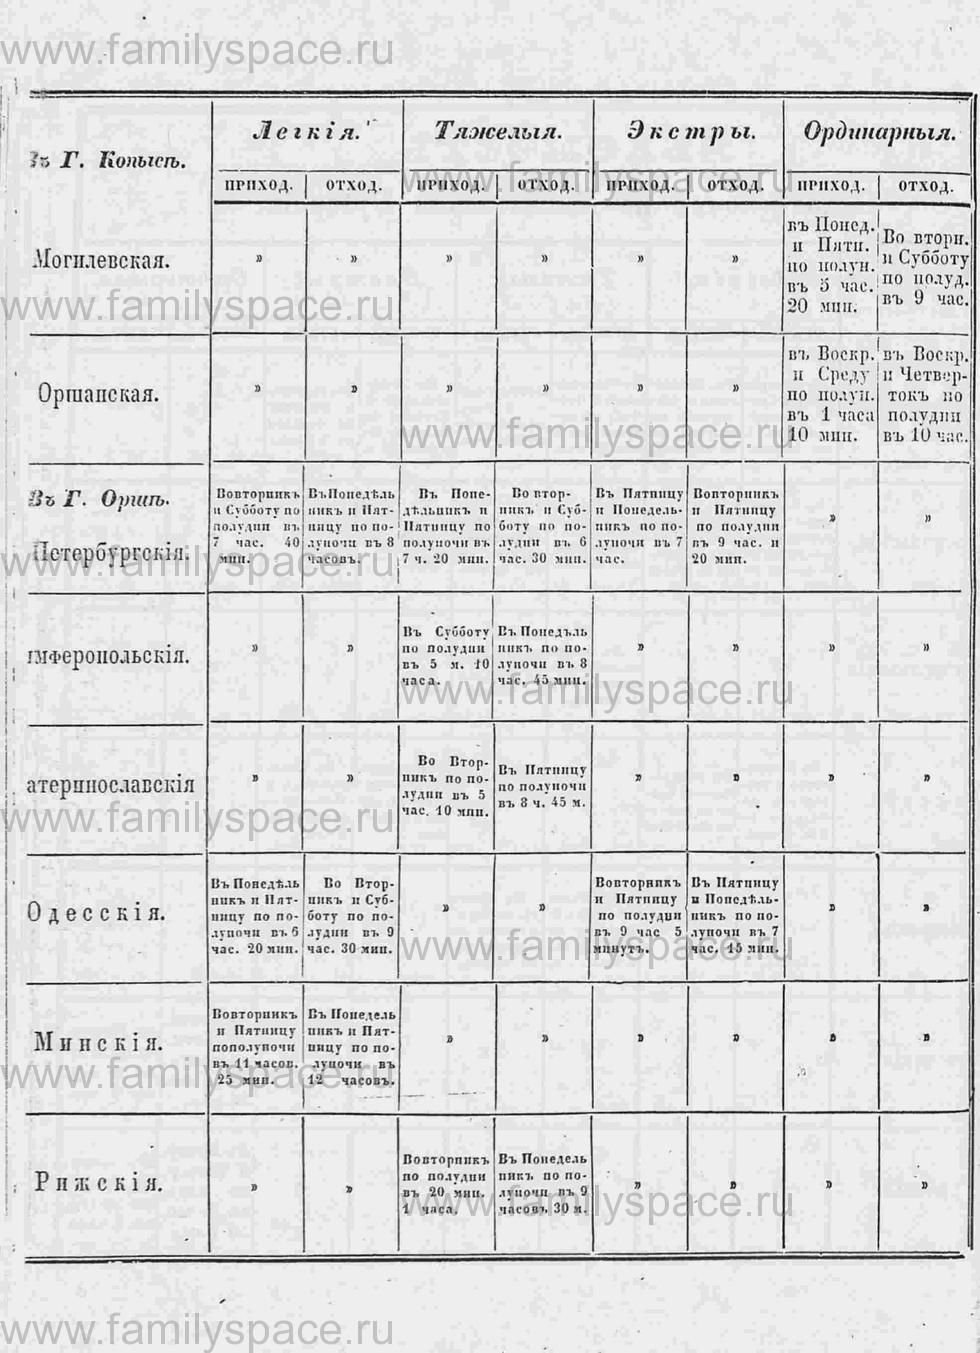 Поиск по фамилии - Памятная книга за 1853 год по Могилёвской губернии, страница 114